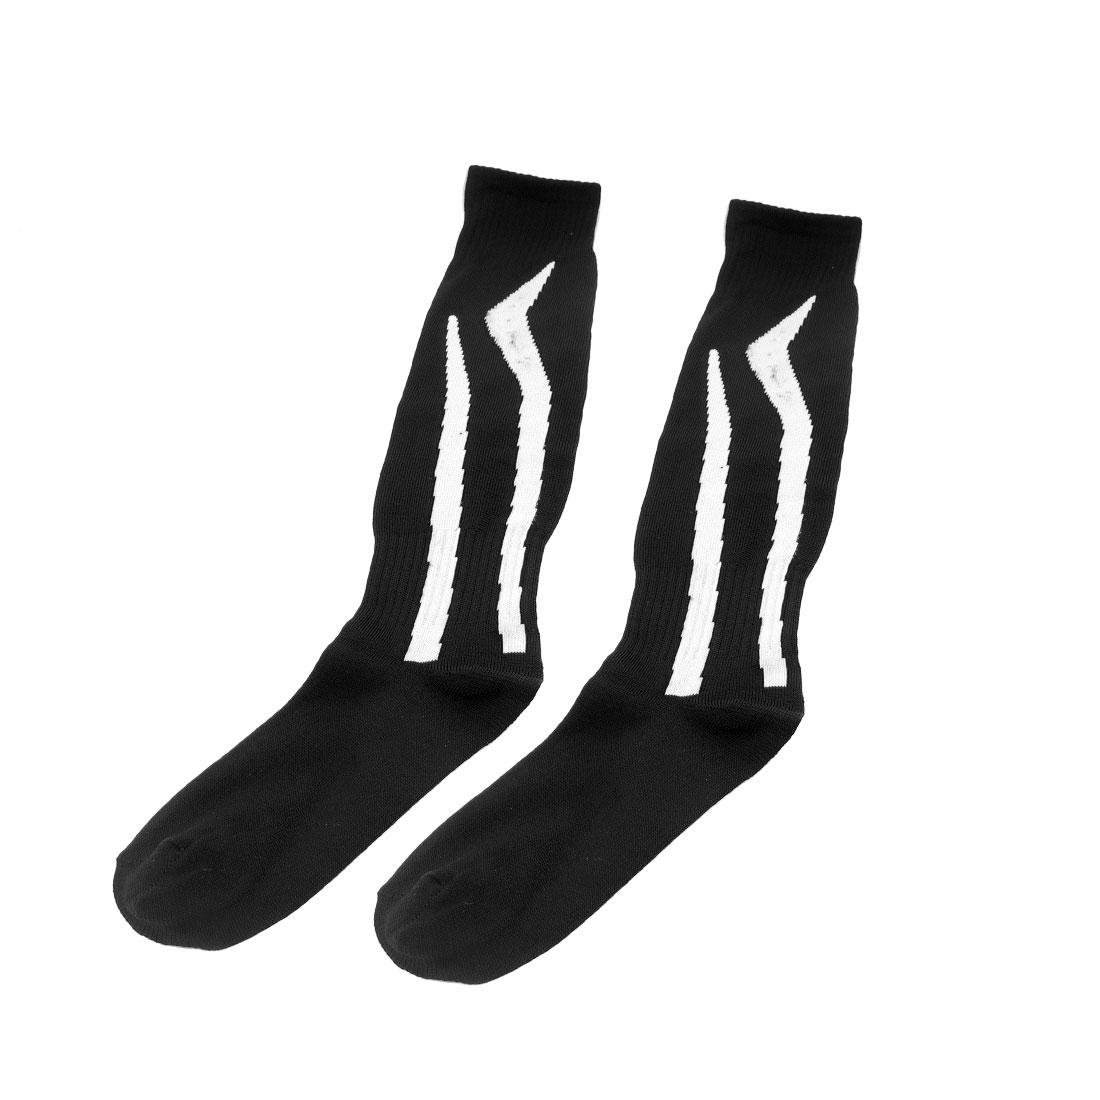 Unisex White Striped Black Knee High Soccer Football Socks Stockings Pair